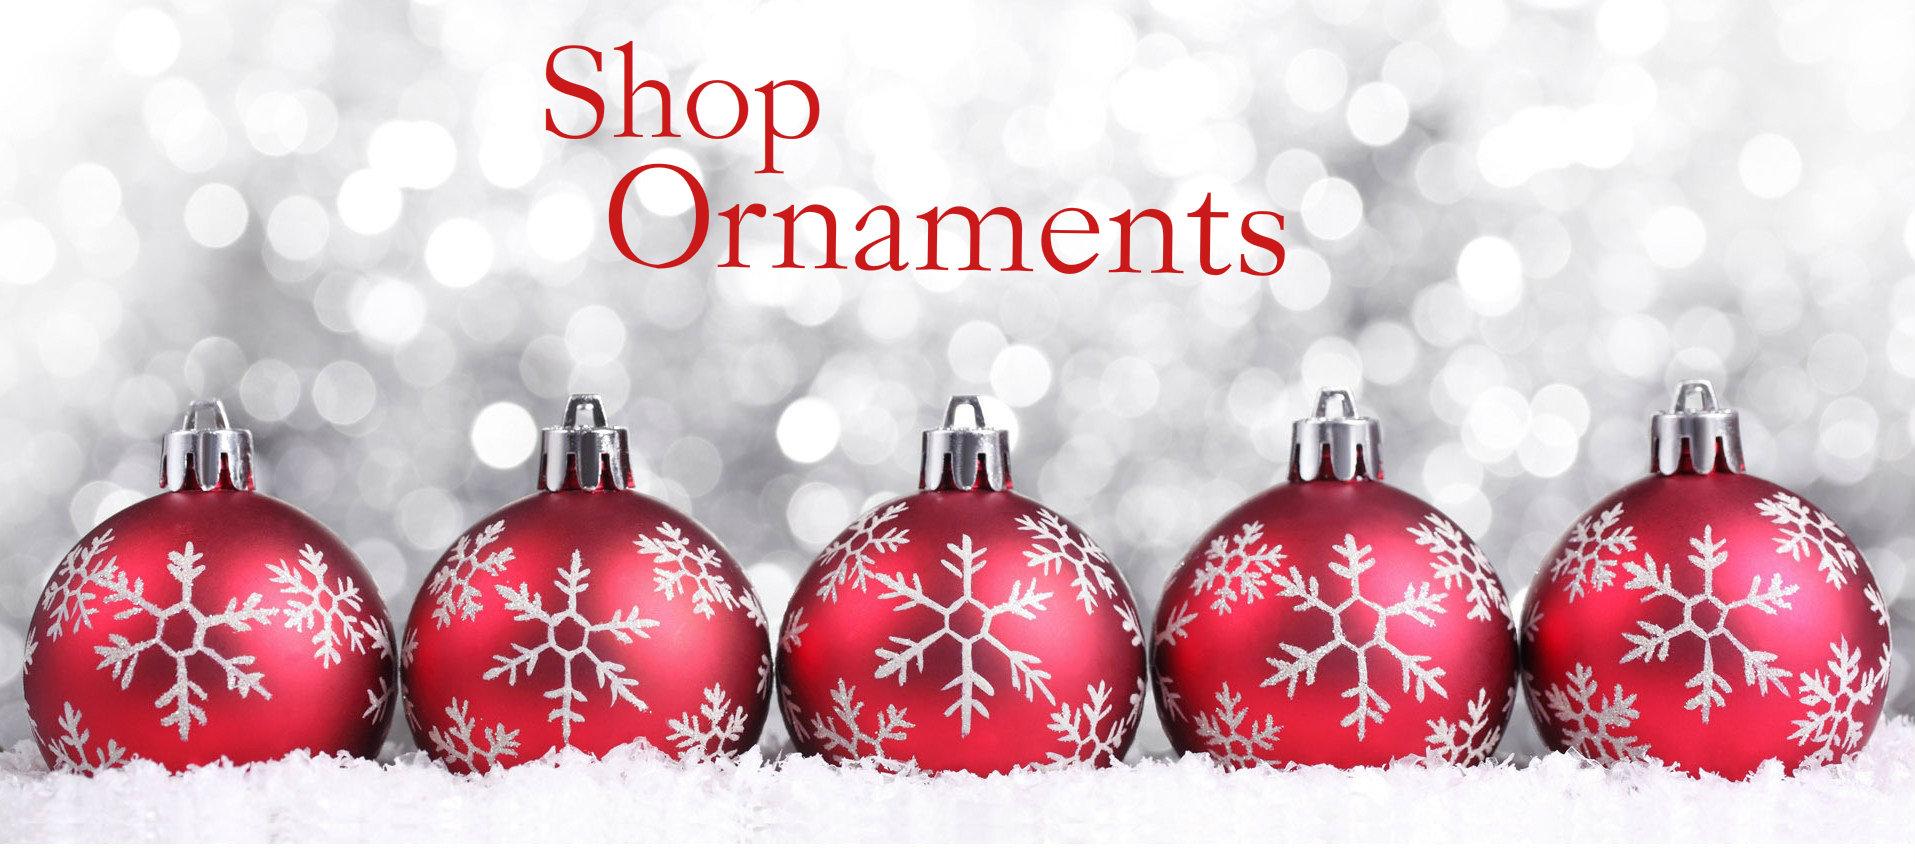 Christmas loft ornaments shop ornaments